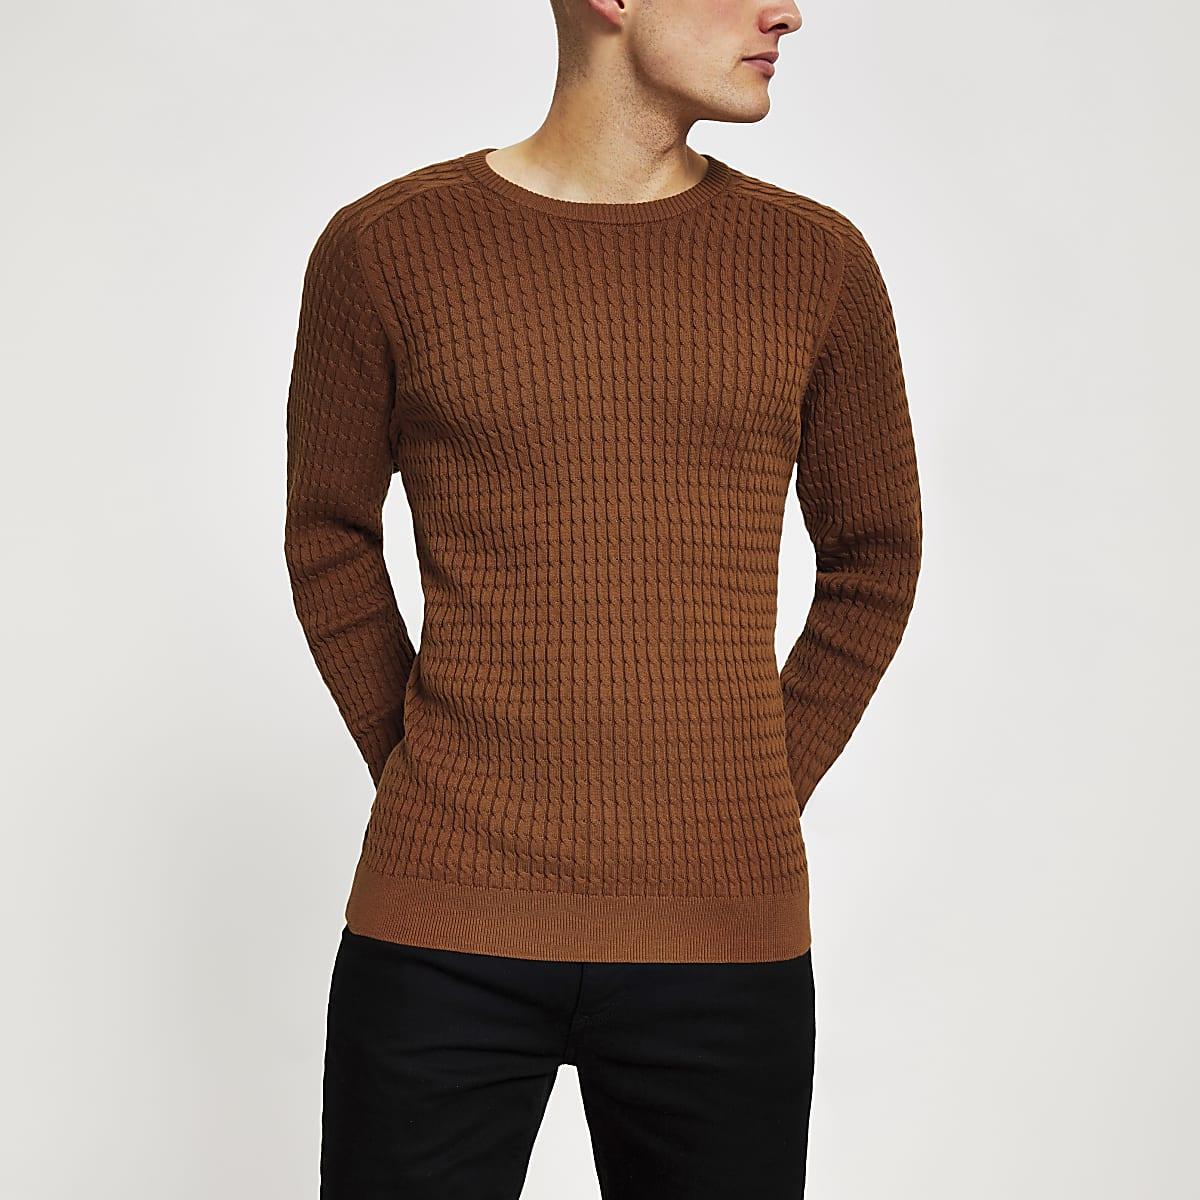 Selected Homme - Oranje gebreide pullover met kabelpatroon